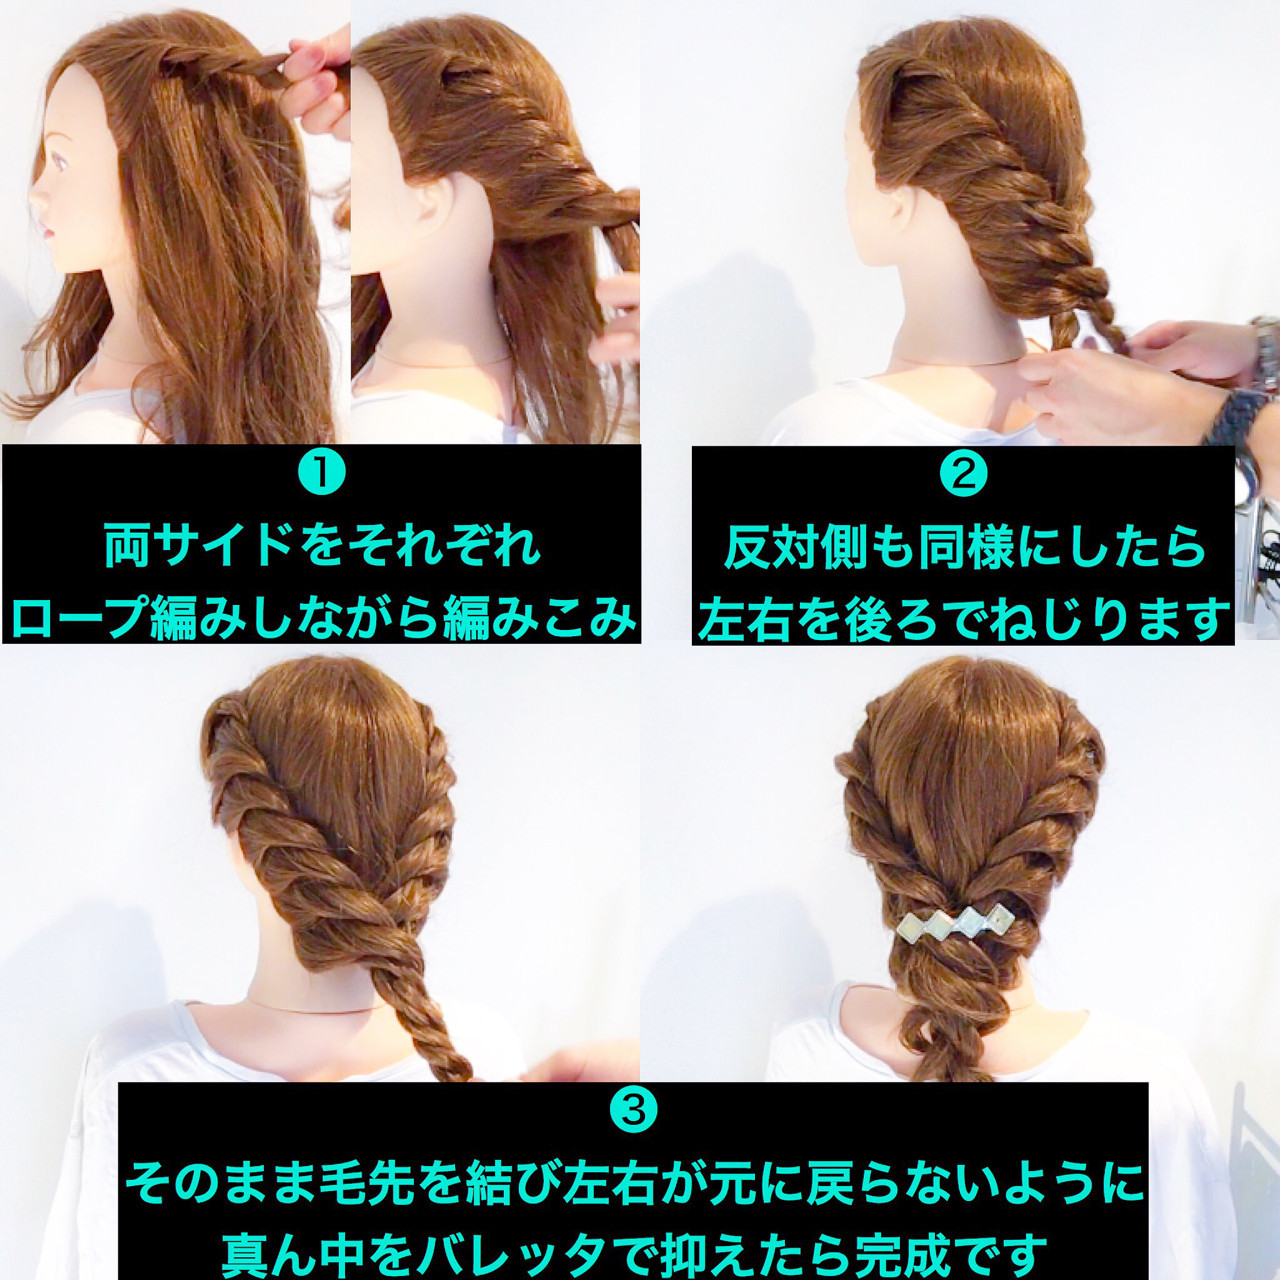 上品 デート セミロング 簡単ヘアアレンジ ヘアスタイルや髪型の写真・画像